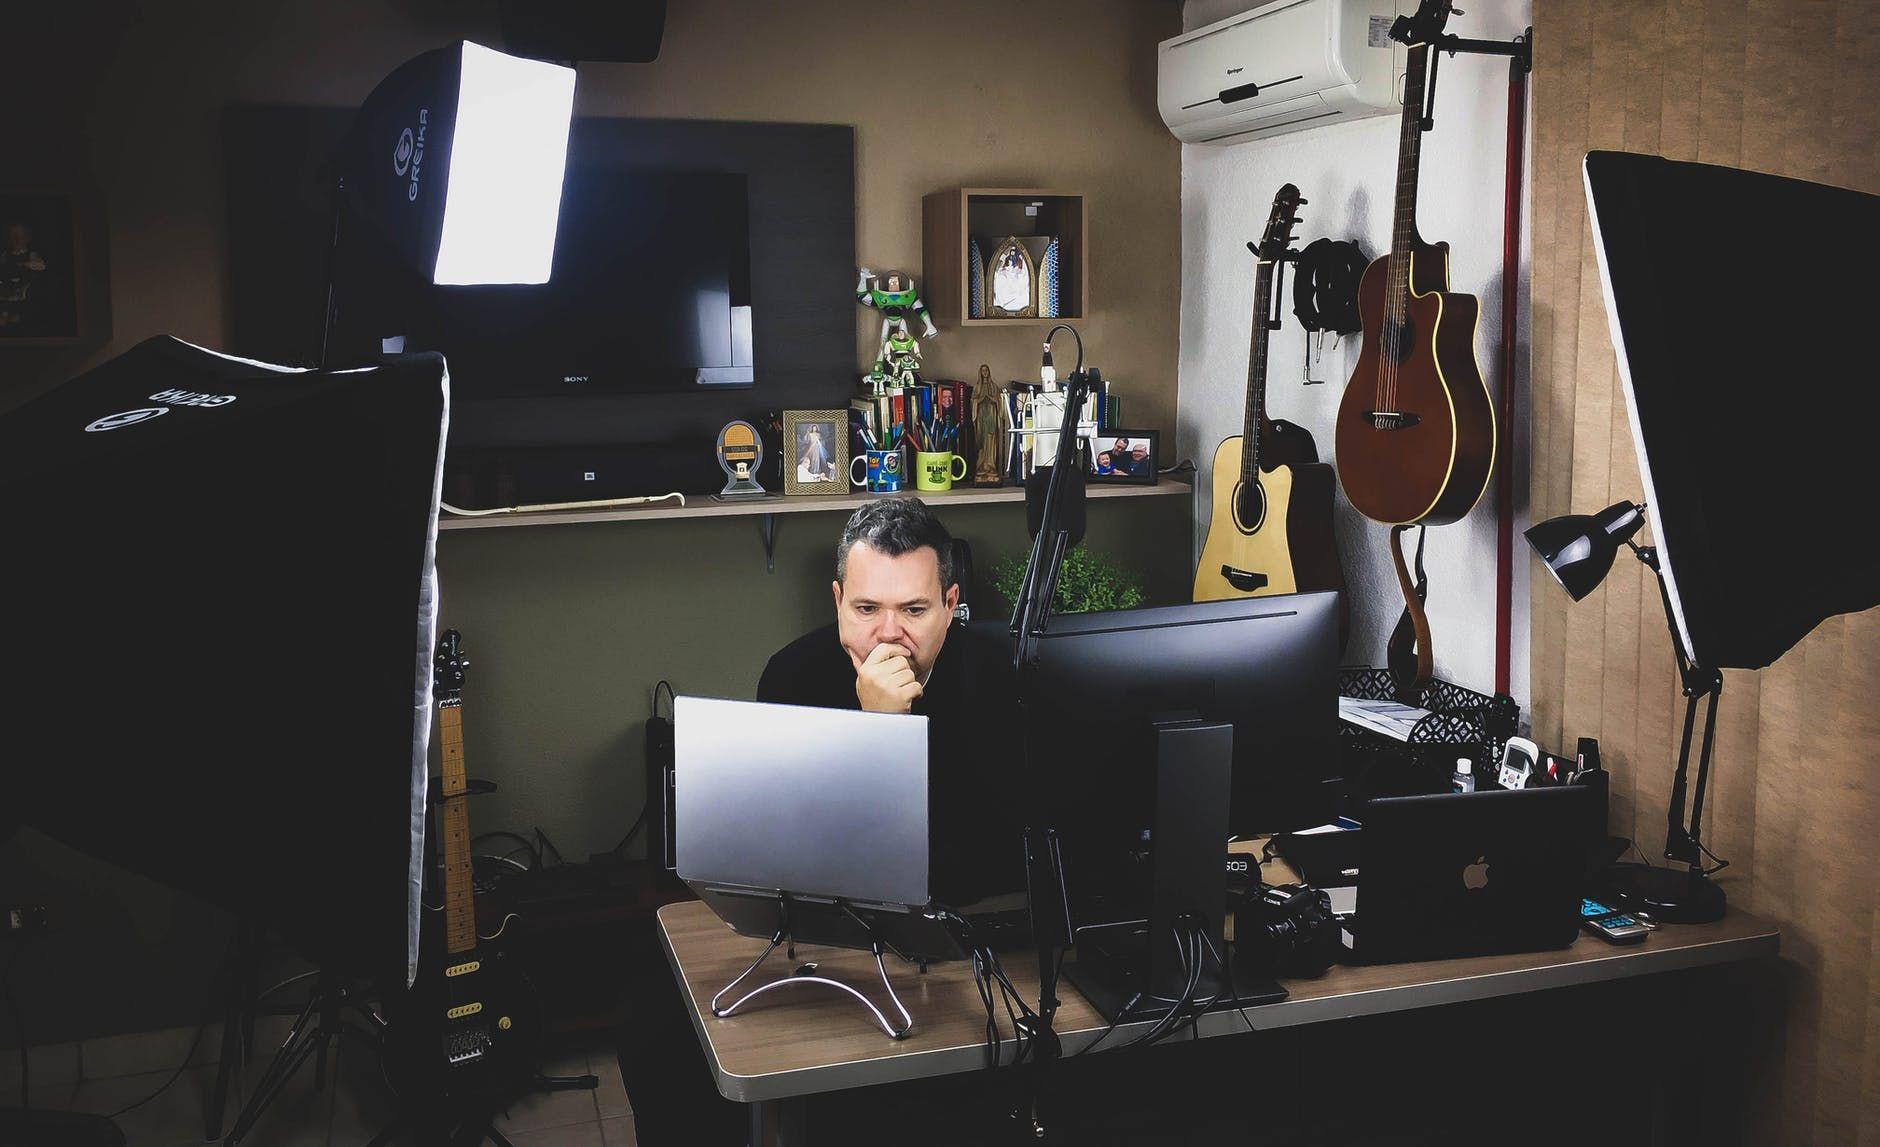 Músico sentado na mesa e trabalhando no computador